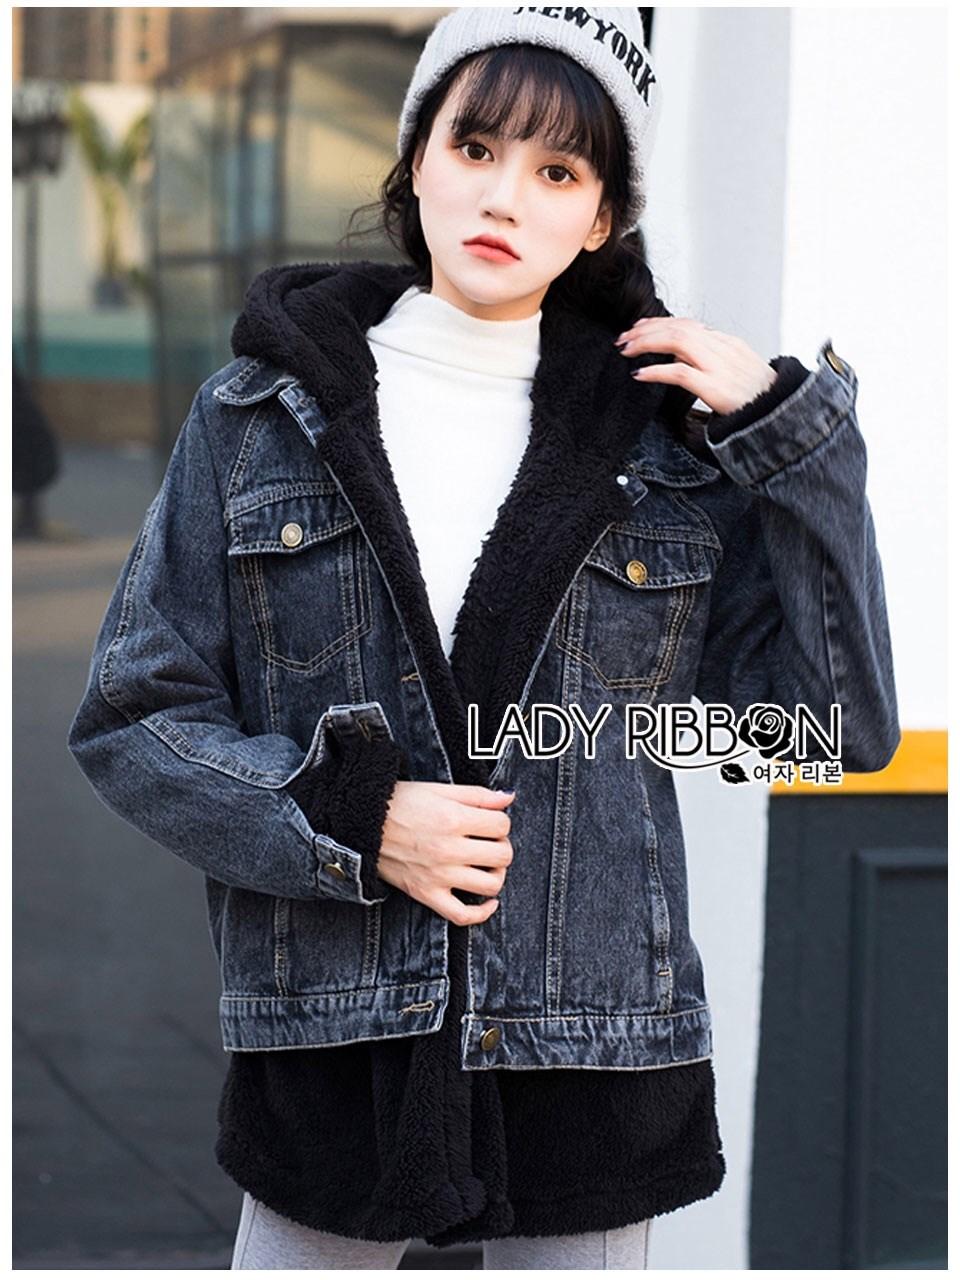 เสื้อผ้าเกาหลีพร้อมส่ง เซ็ตเสื้อแจ็กเก็ตเดนิมทับเสื้อโค้ทตกแต่งฮู้ดขนแกะสีน้ำเงินเข้ม